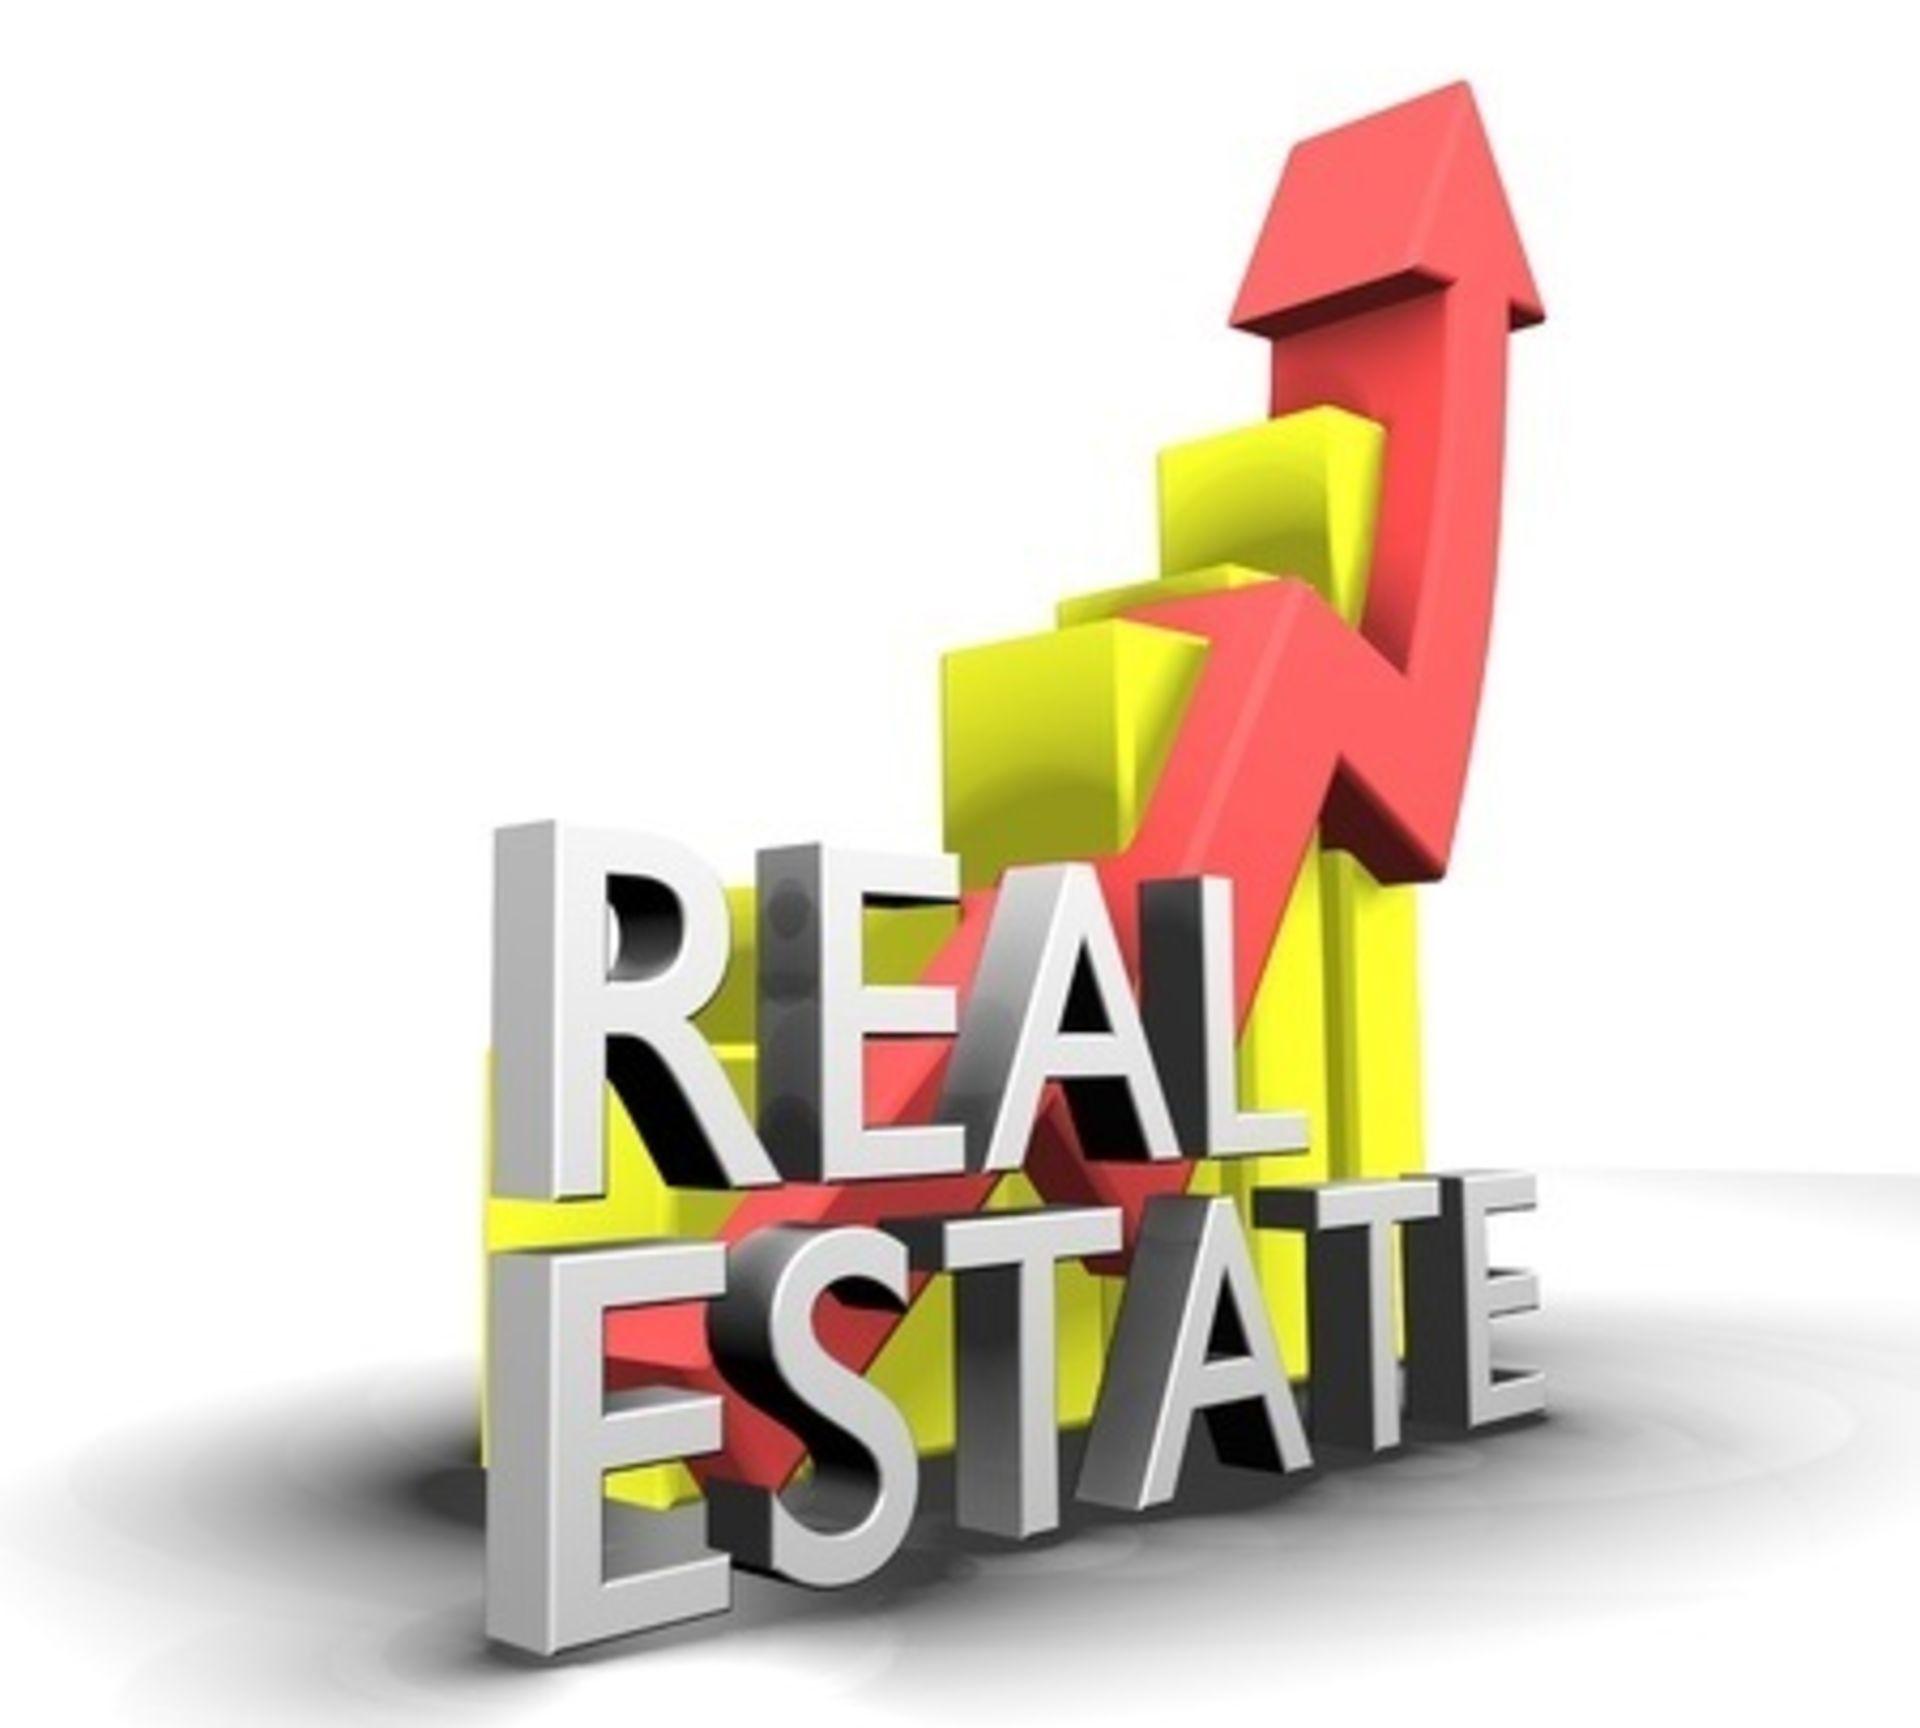 Sarasota Real Estate Statistics for March